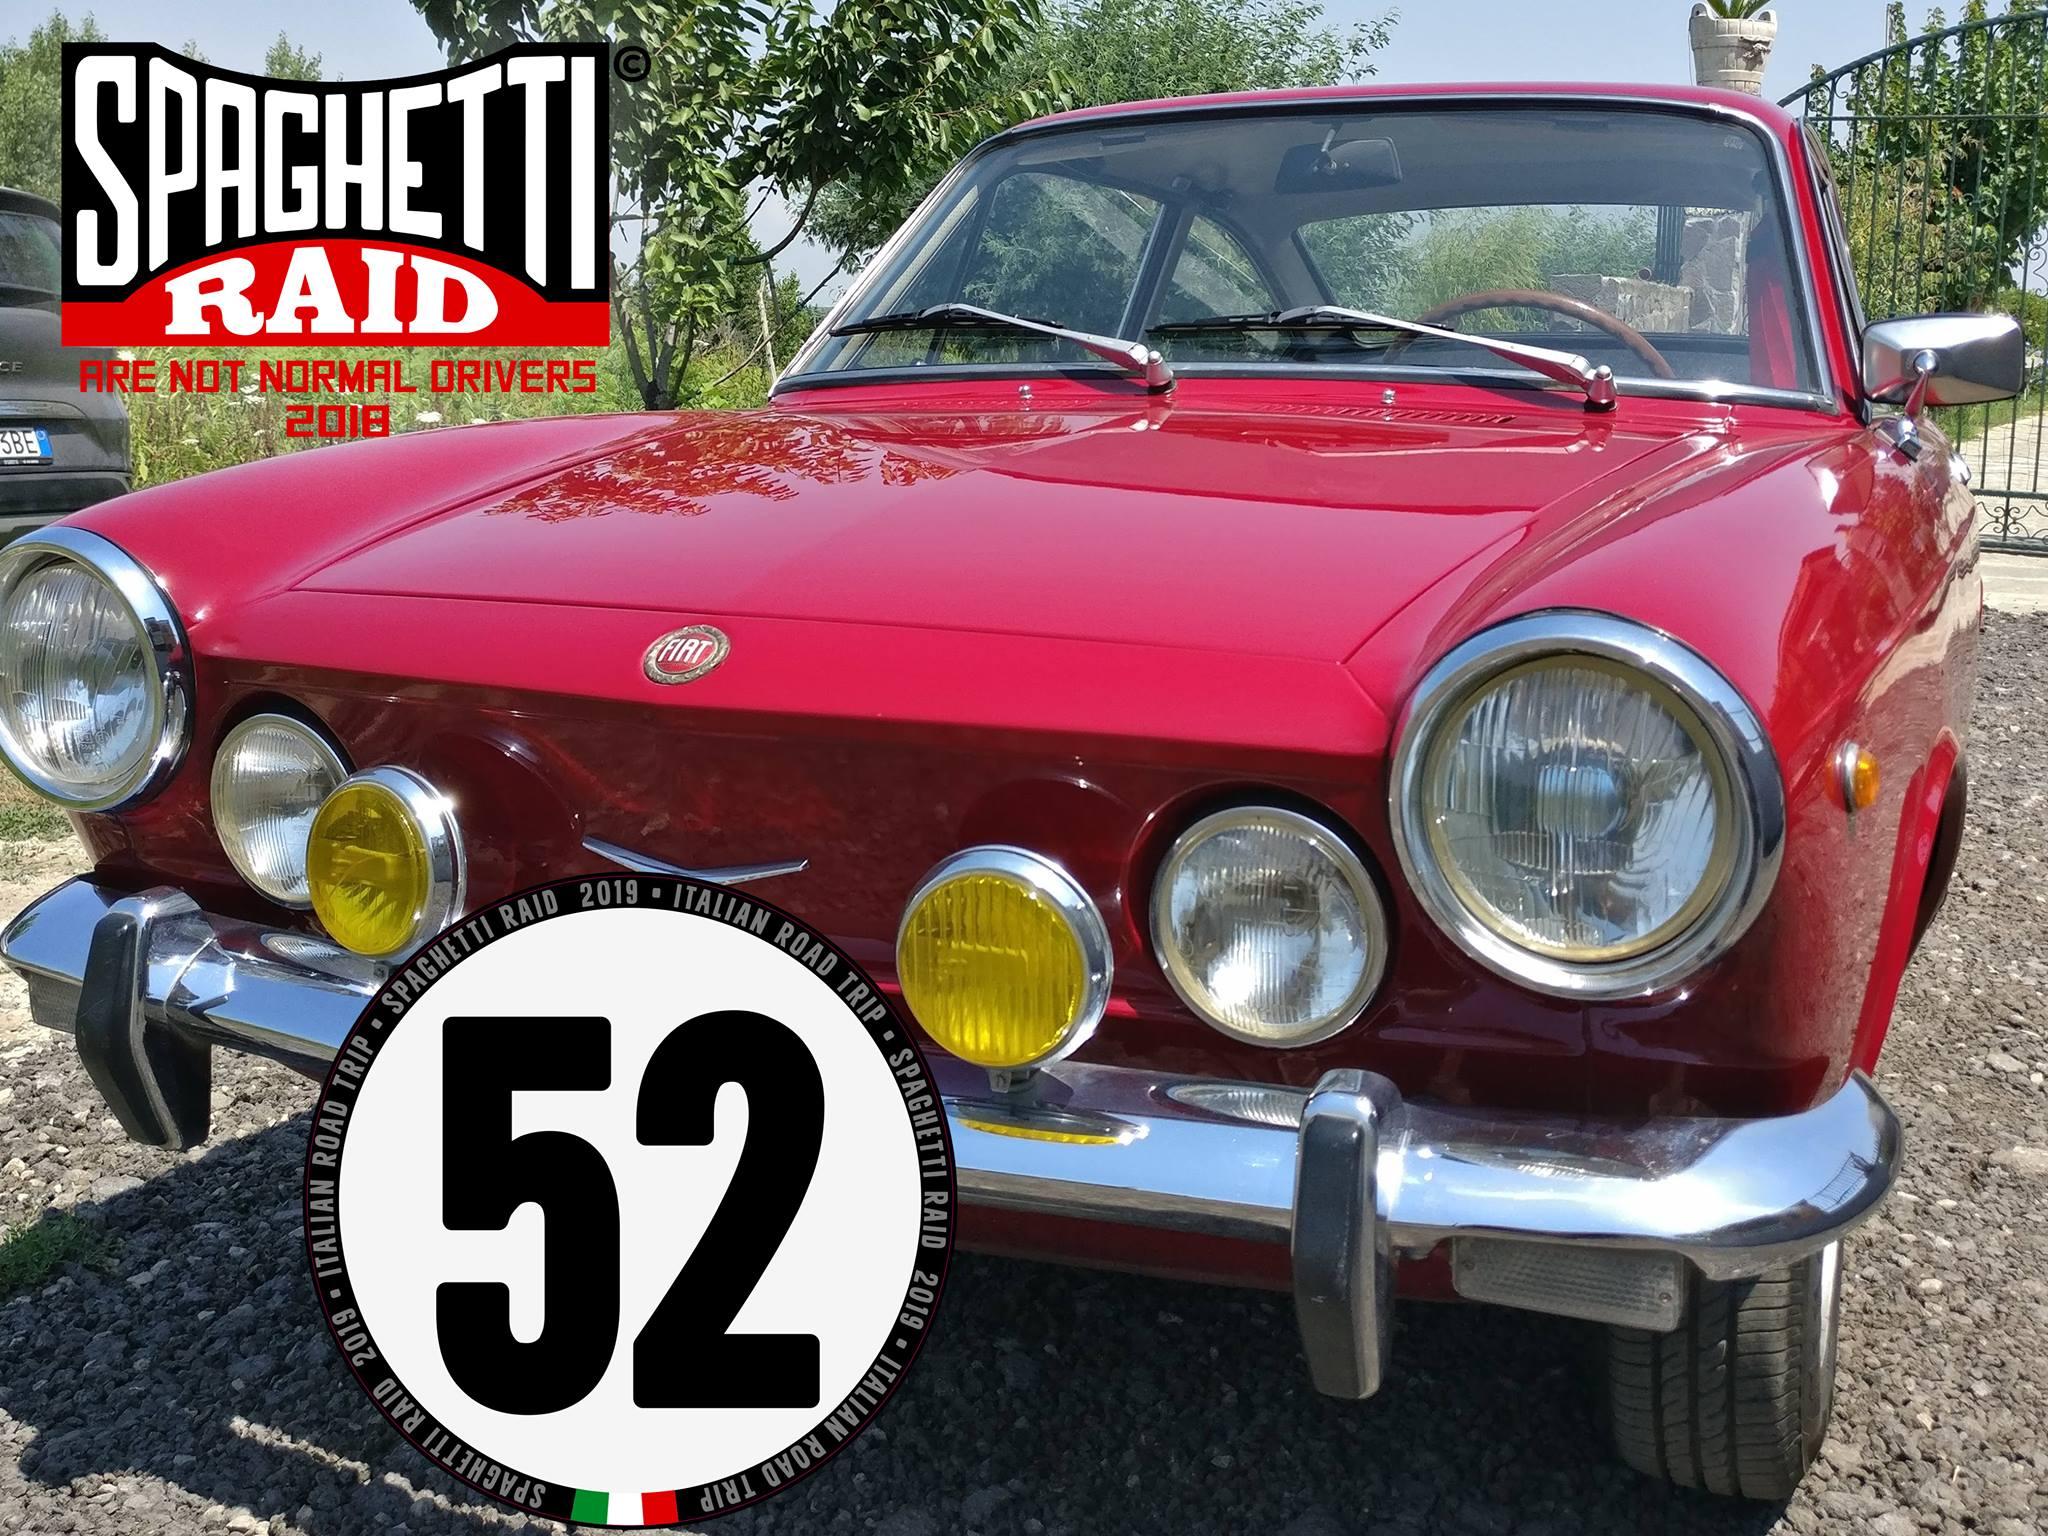 Team GENTE BRUTTA #52 FIAT 850 SPORT 903cc del '50 CIttà: Napoli